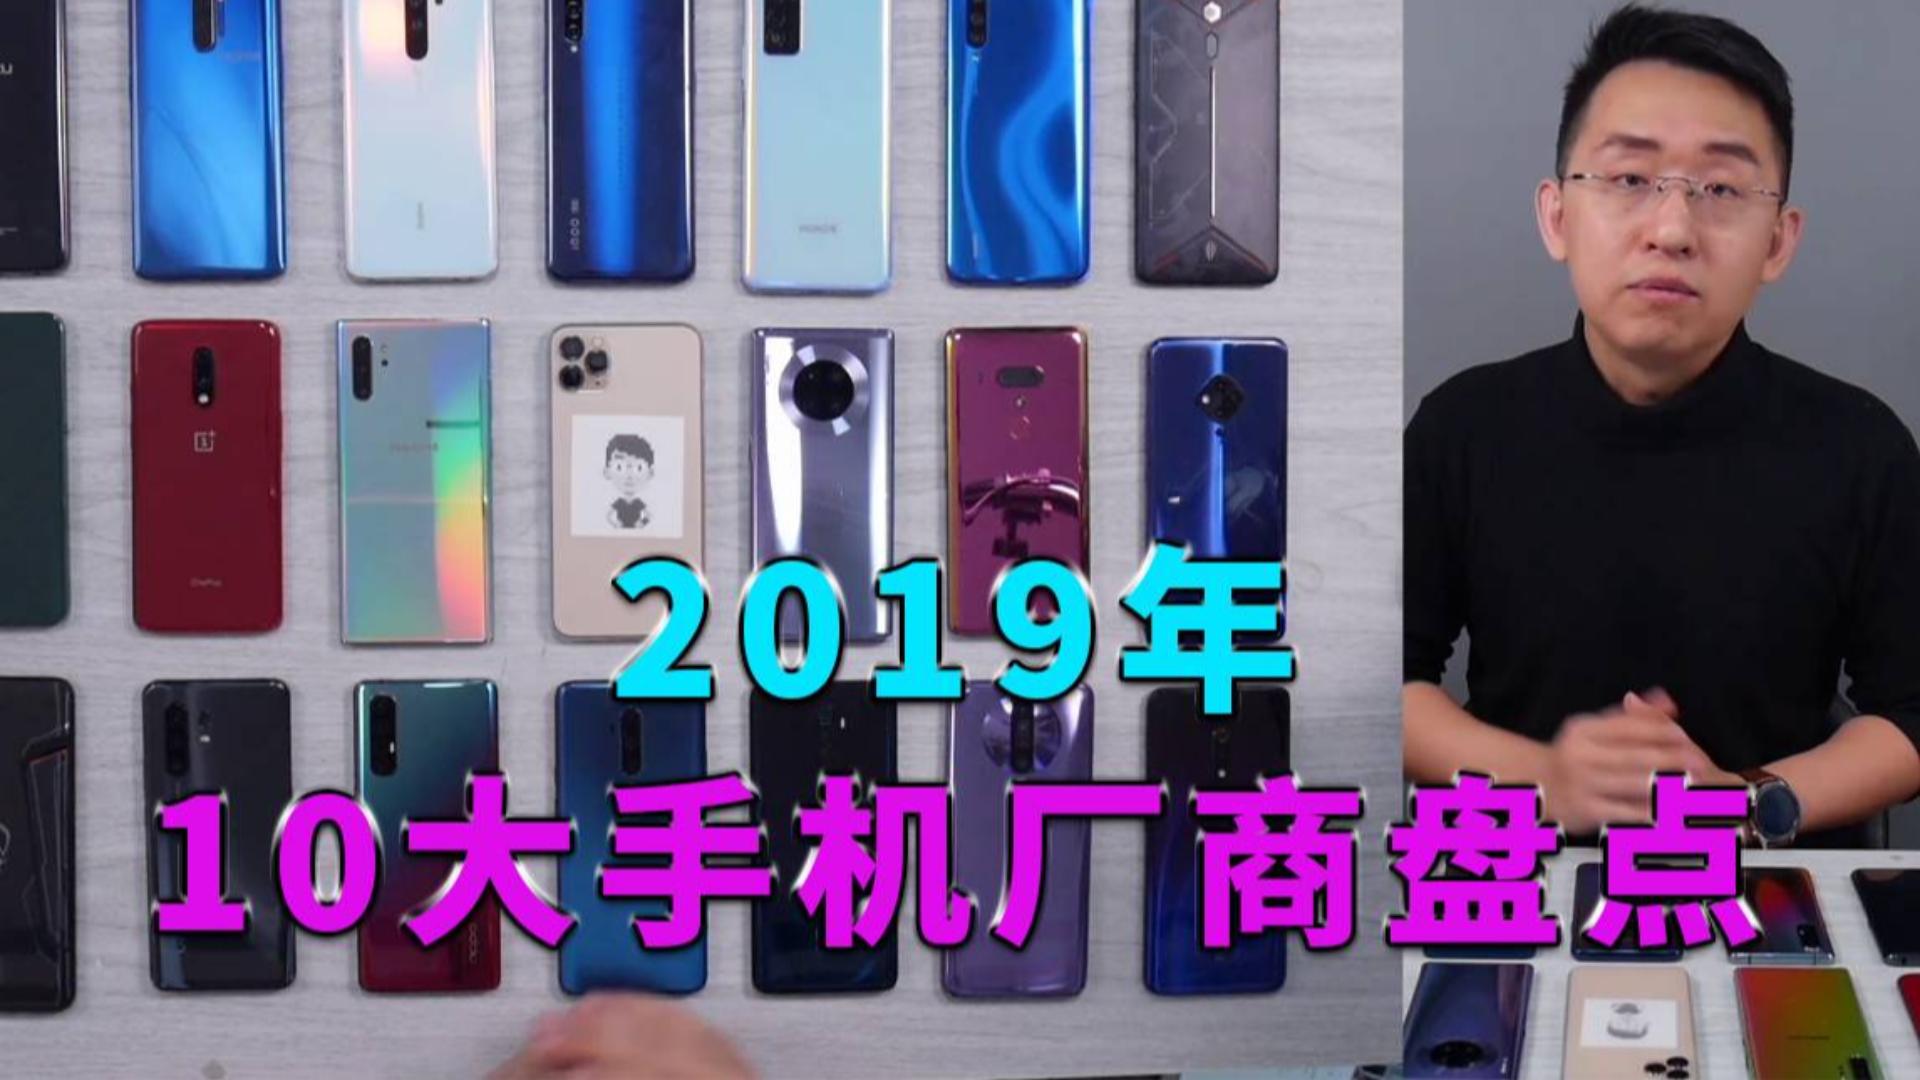 「科技美学直播」2019年度手机厂商年度大盘点